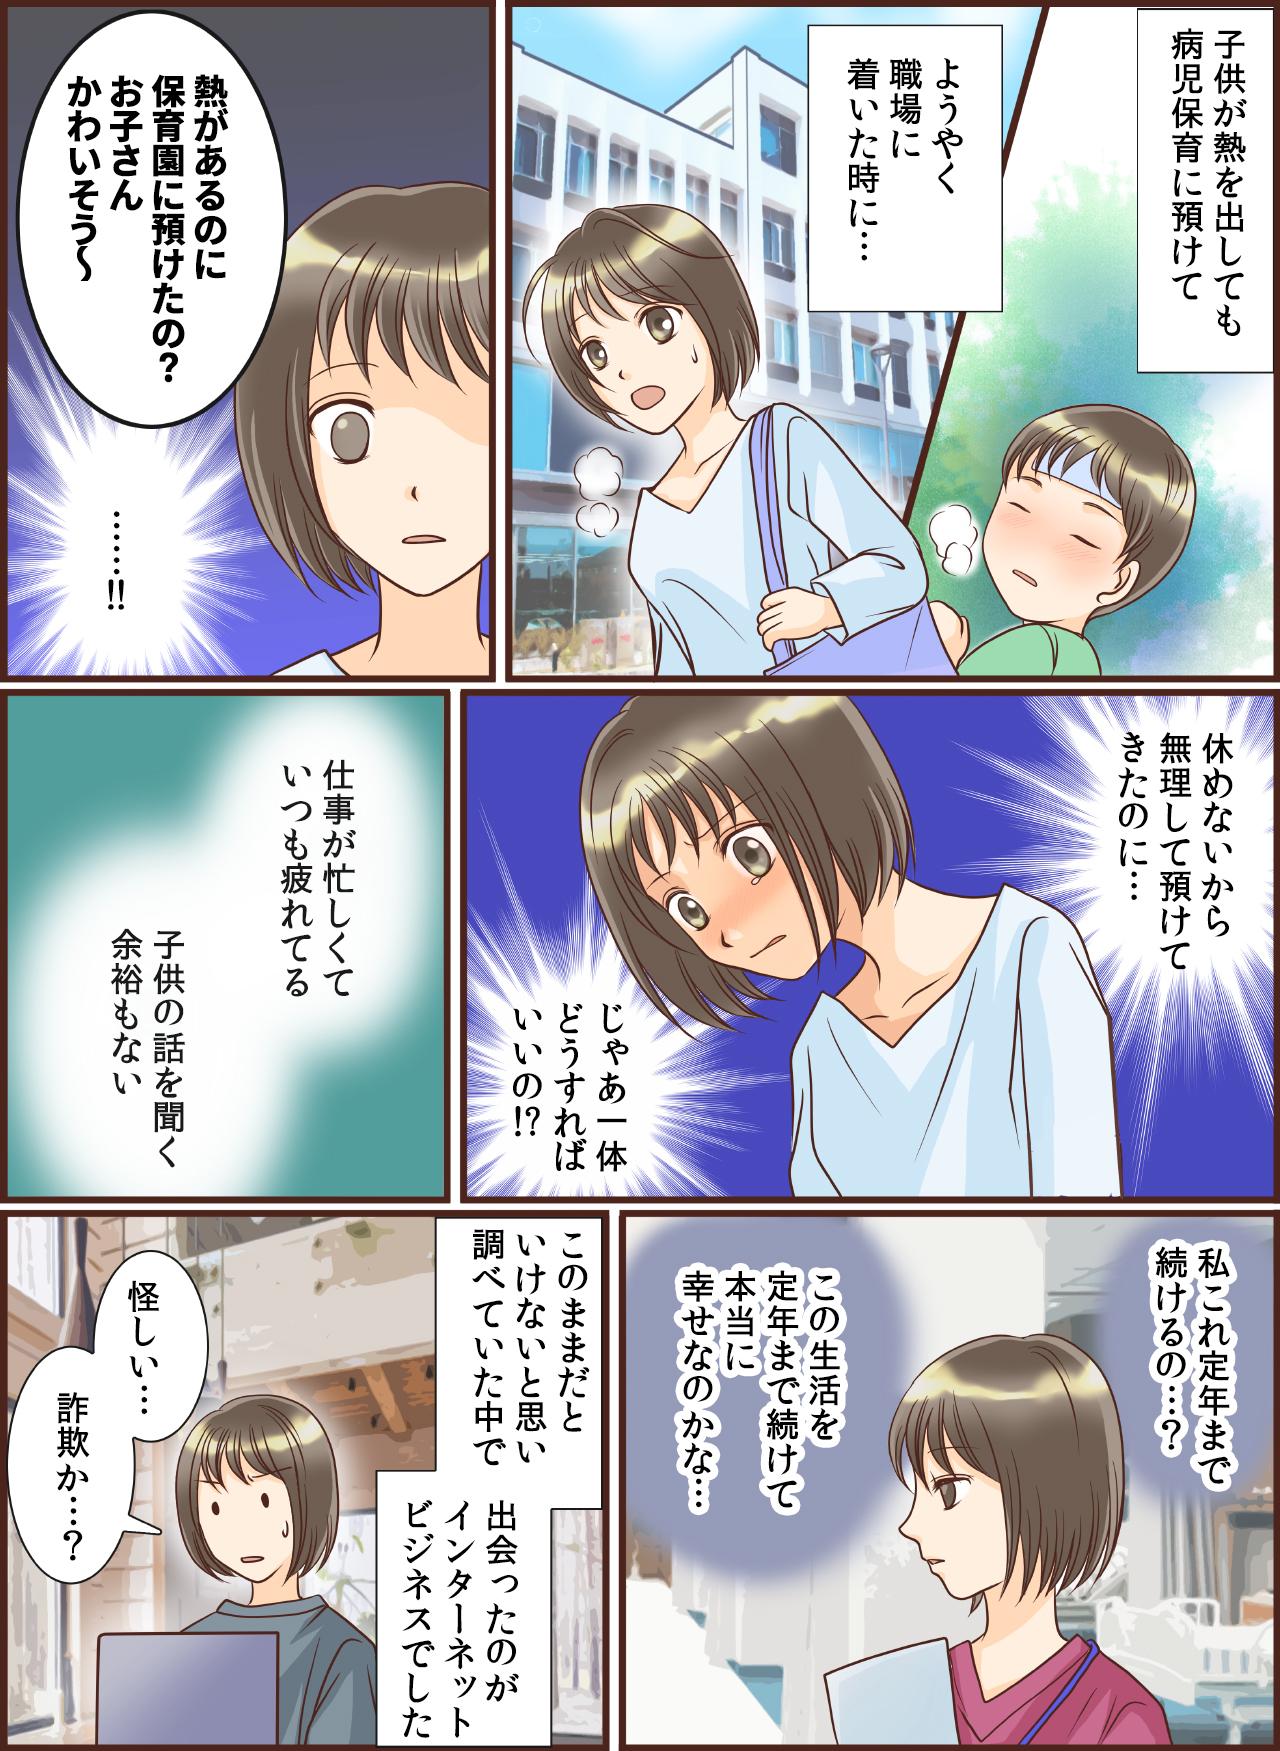 漫画LP修正4